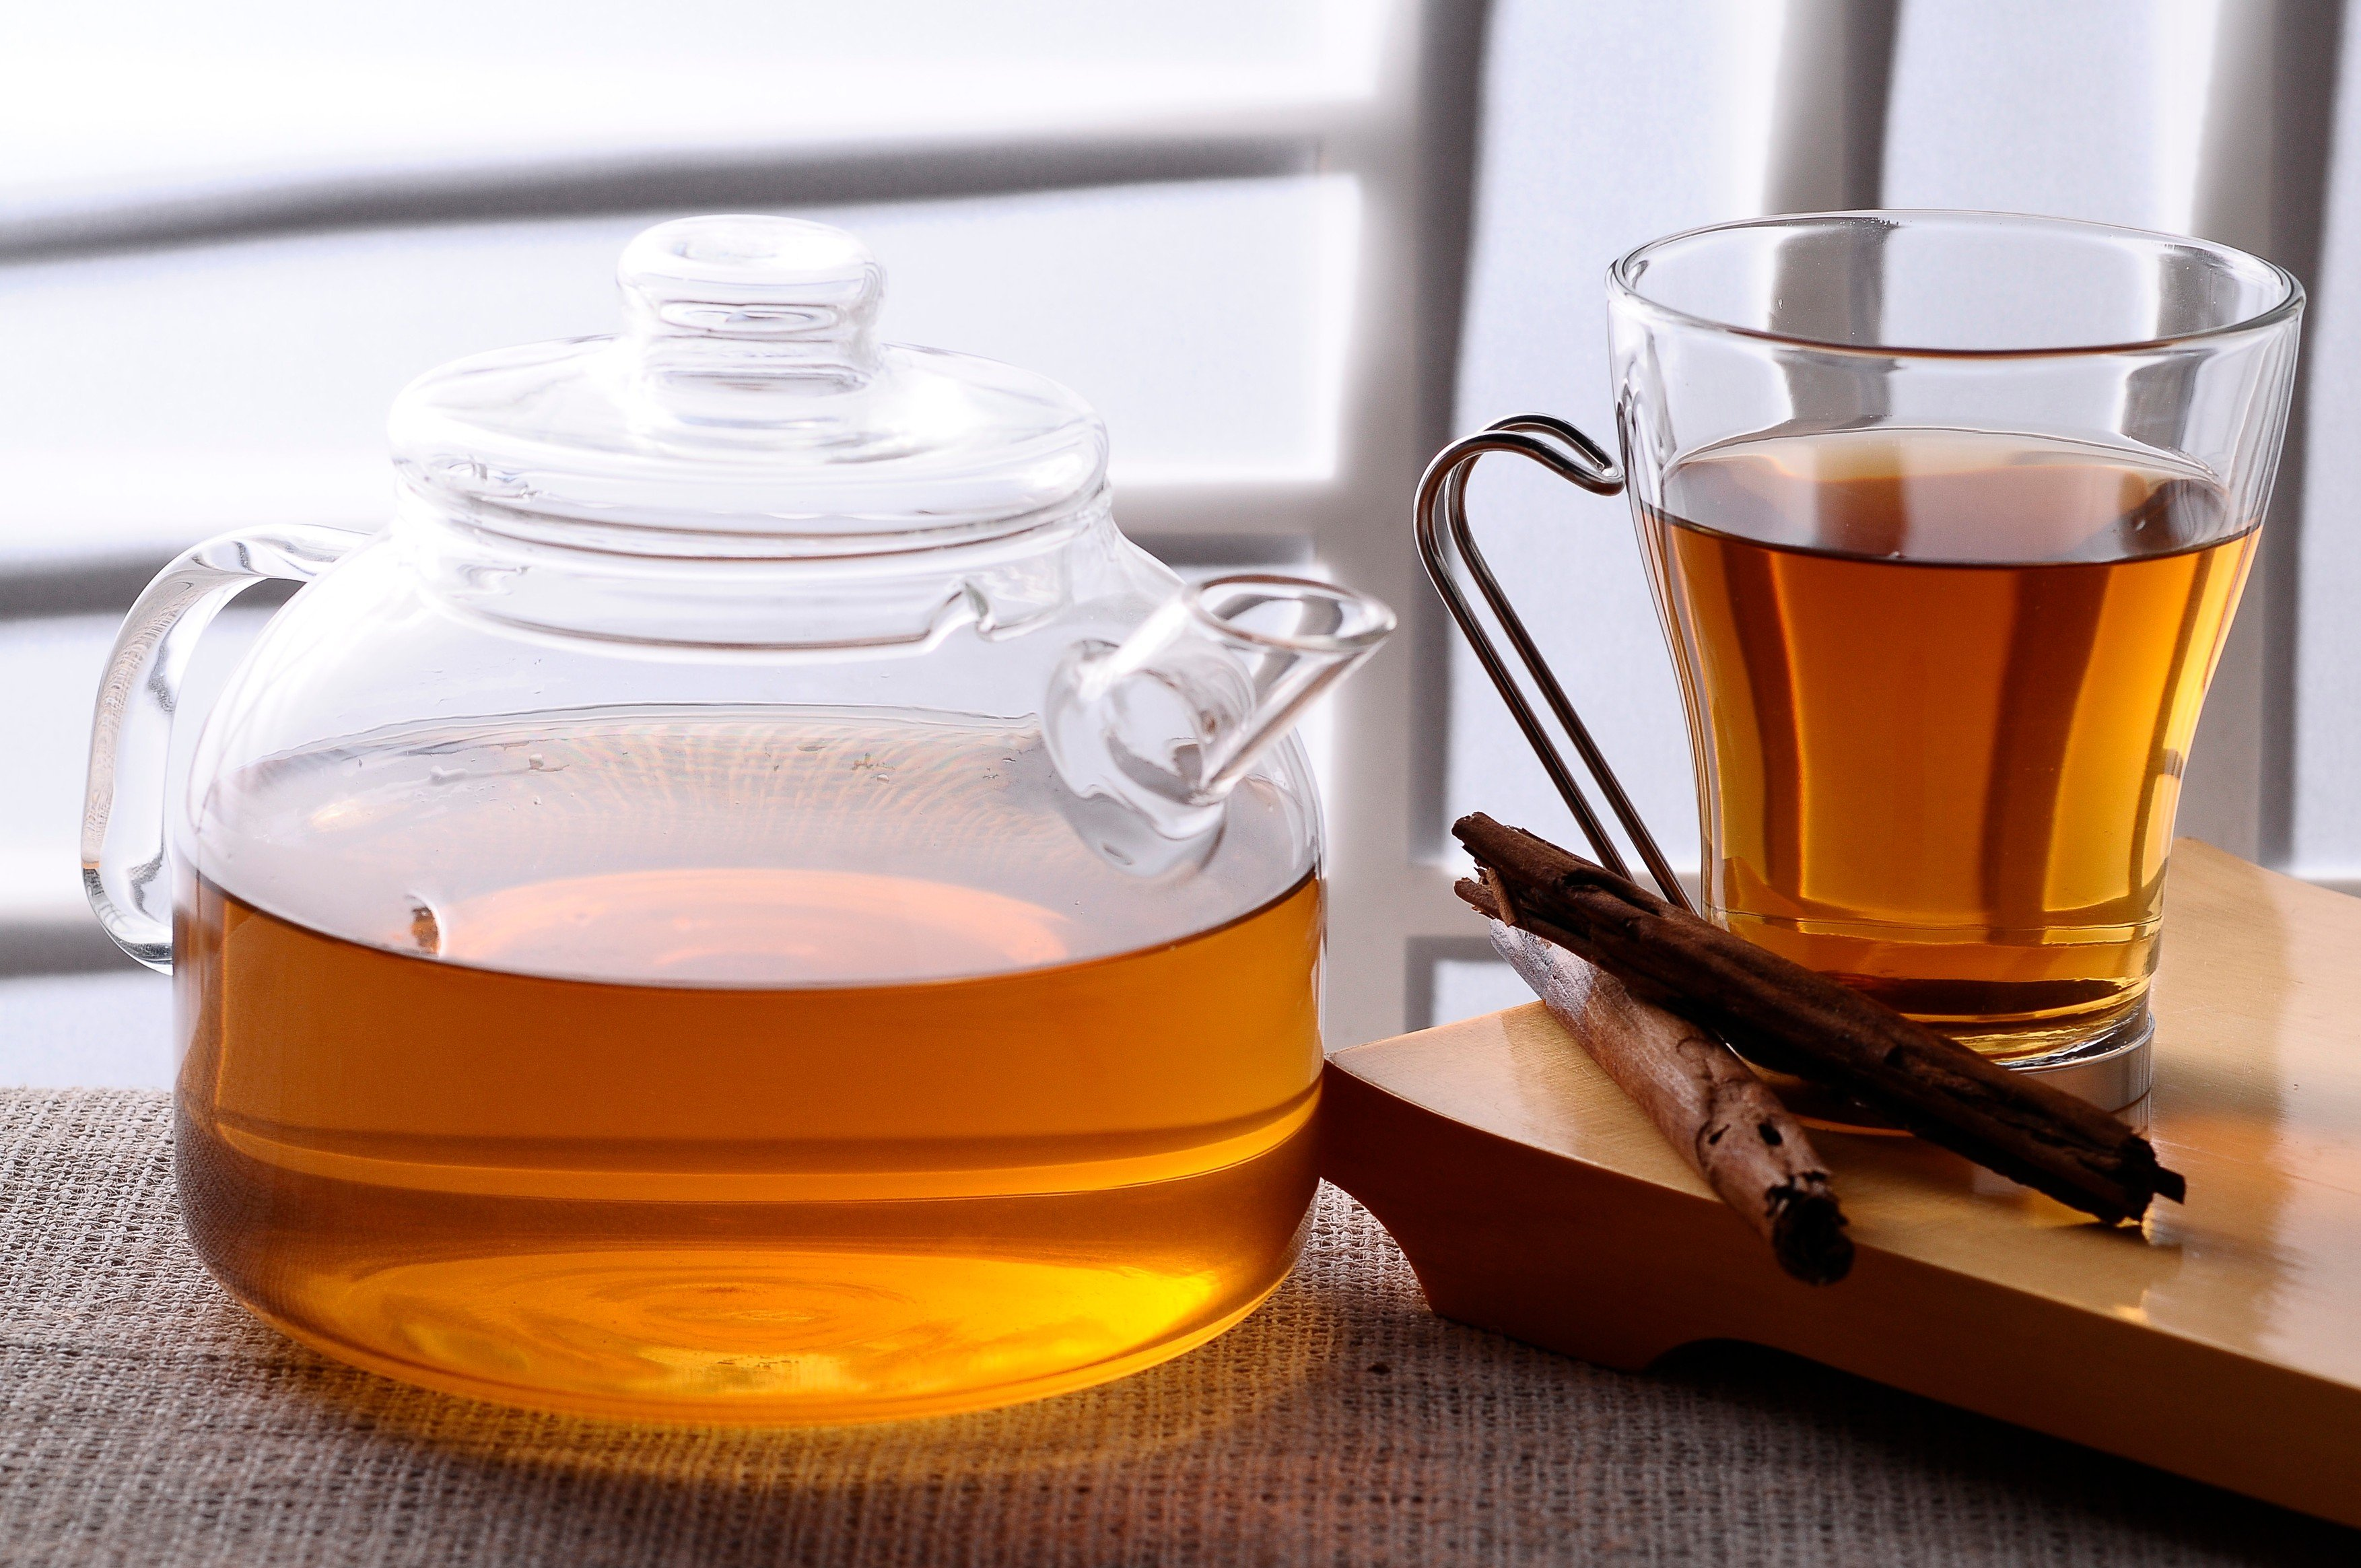 Čaj, hrnek, šálek, konvice, skořice. Ilustrační foto